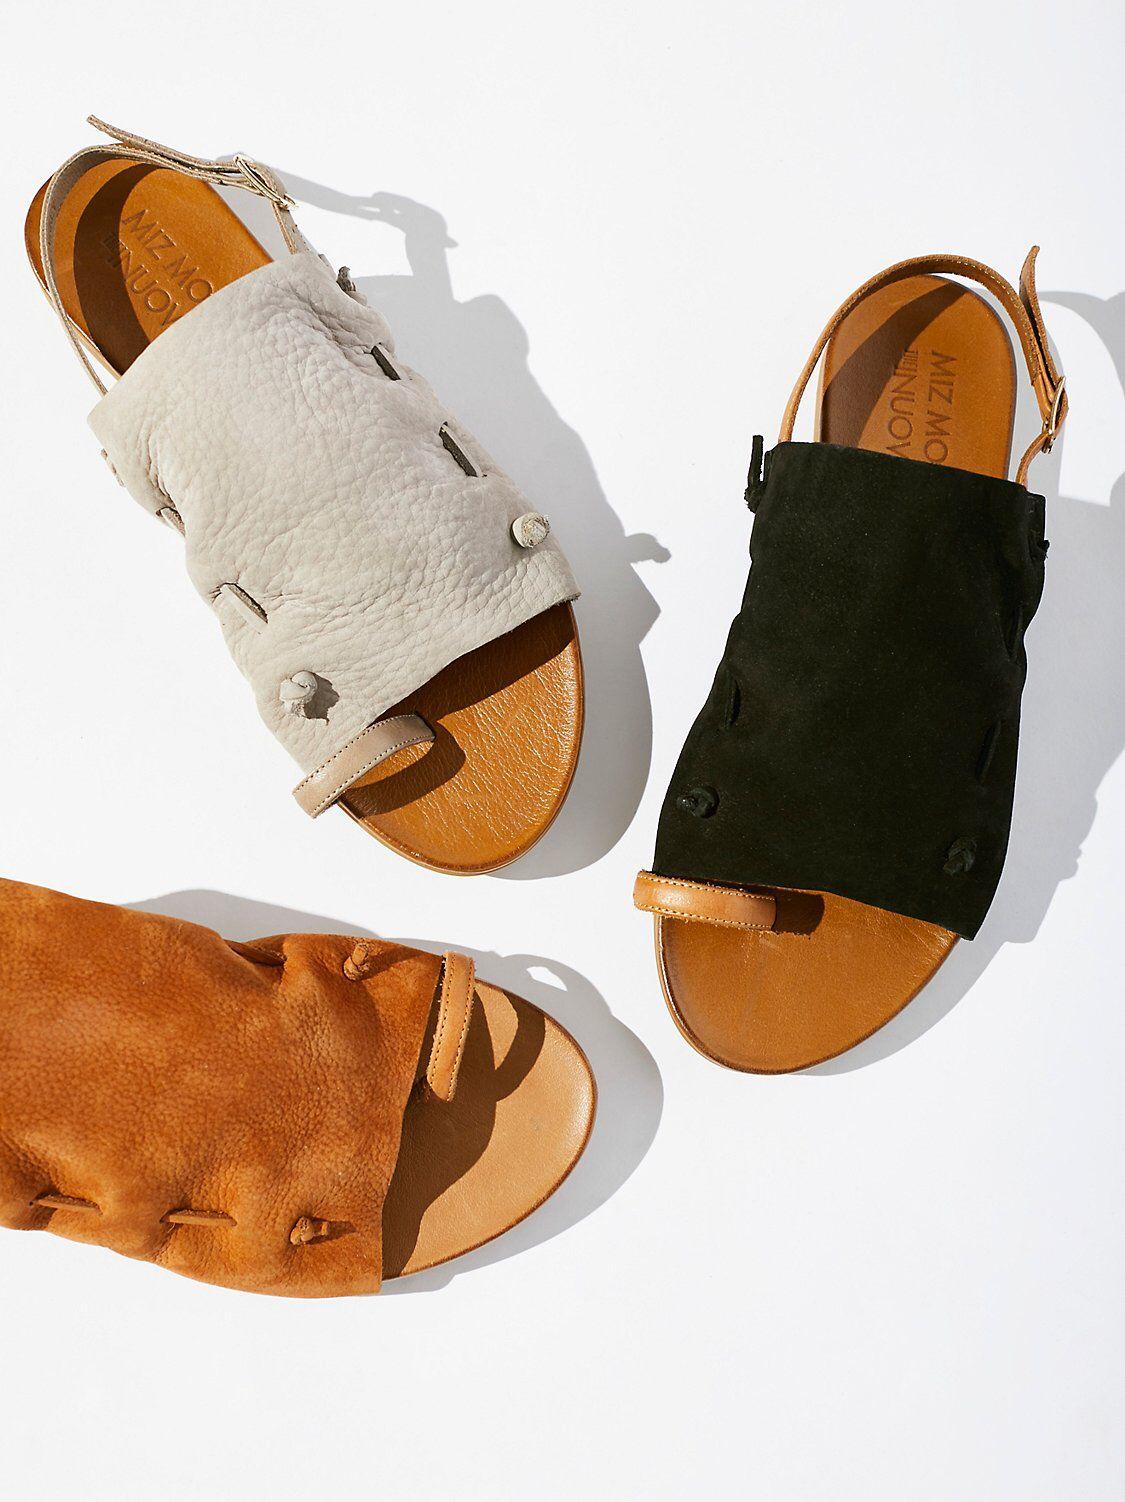 Lake House Sling Back Sandal Shoes Womens High Heels